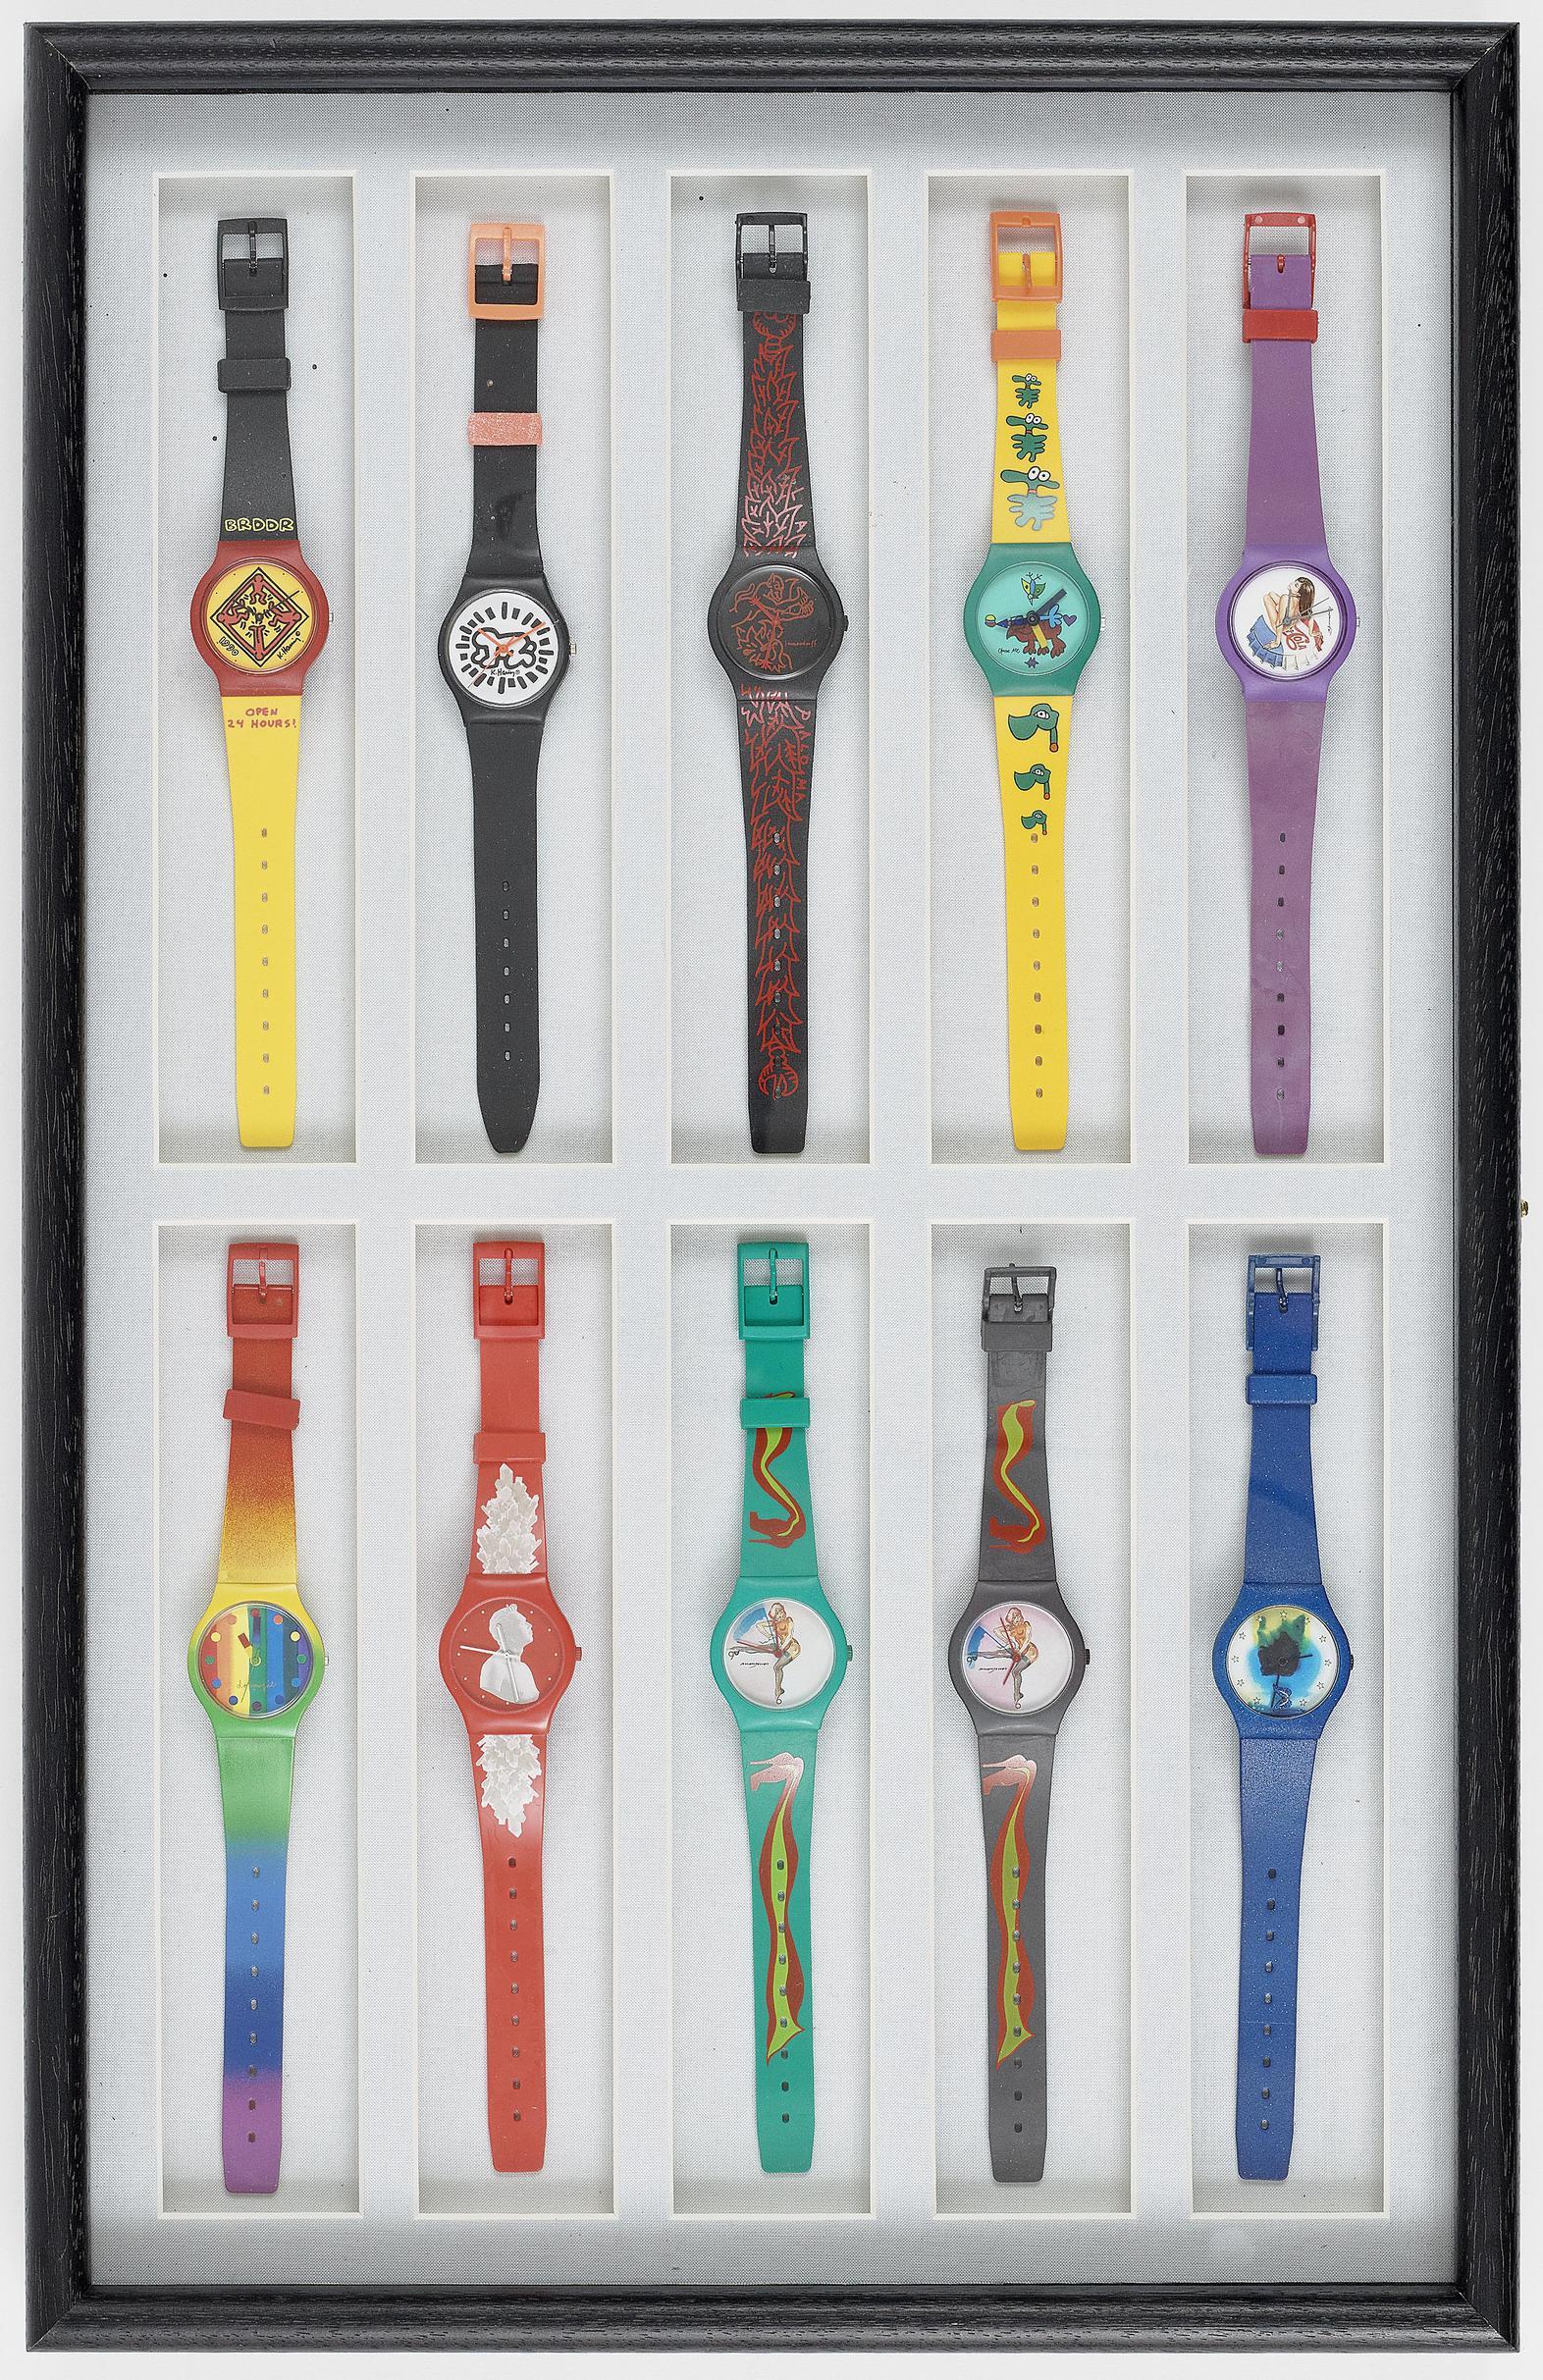 20 artists wristwatches Switzerland, 1990-1992-